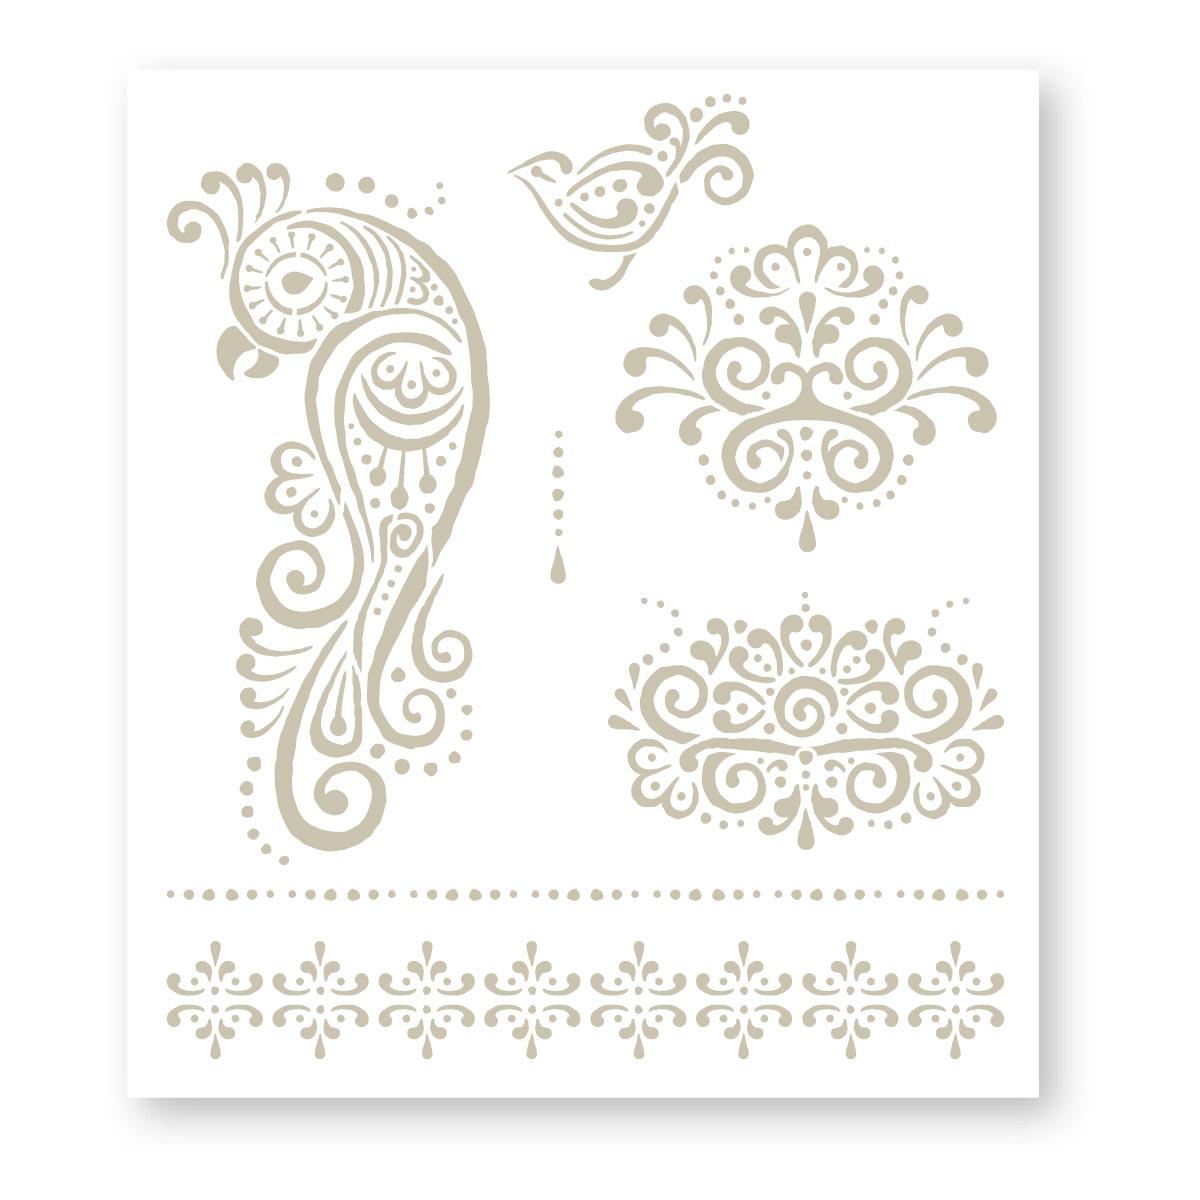 FolkArt ® Handmade Charlotte™ Stencils - Birds - 59798